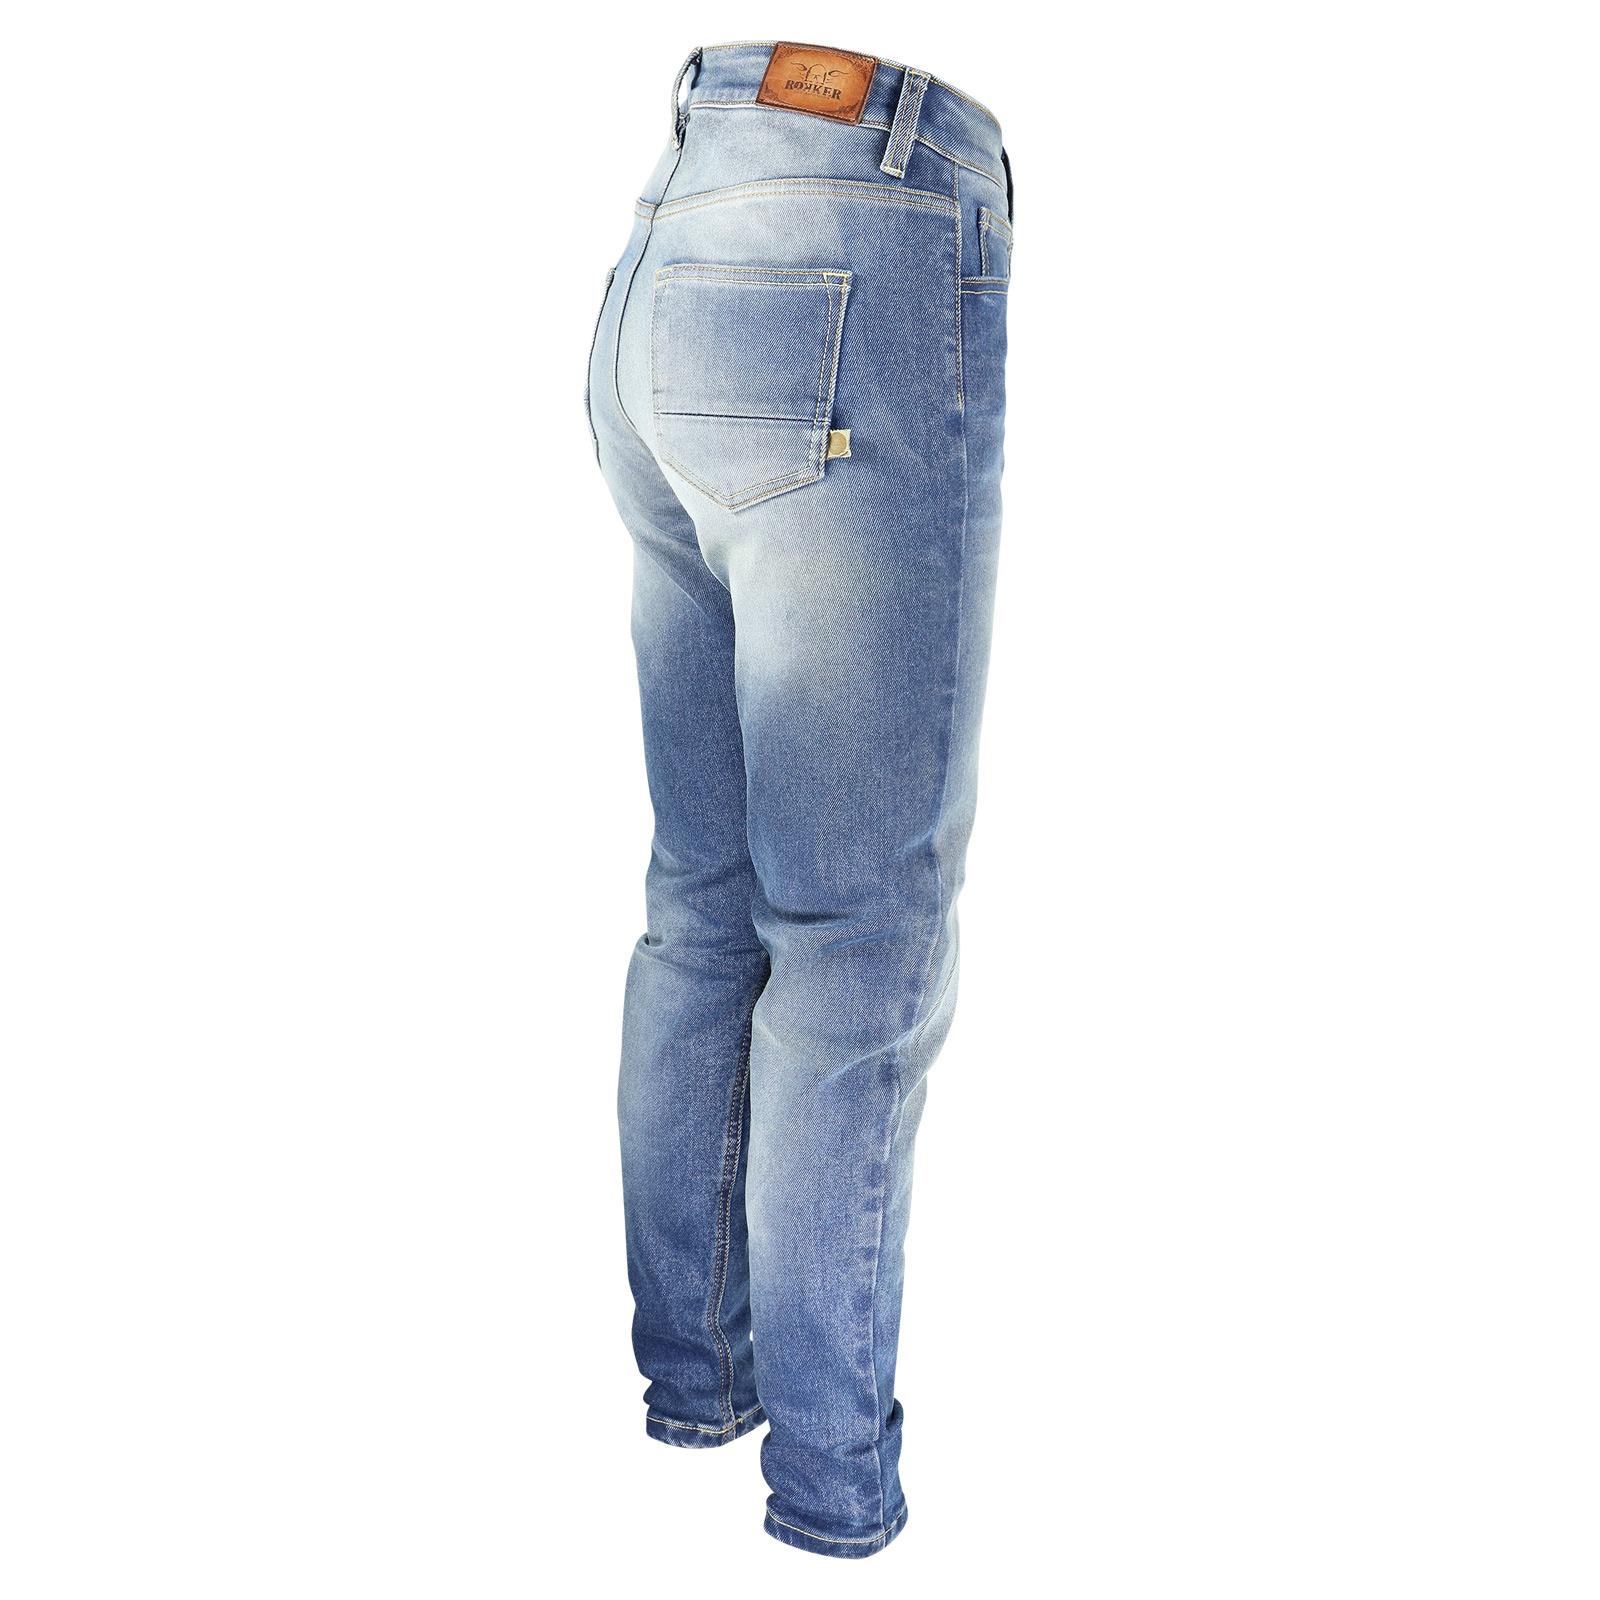 d5b7a56c23084 Rokker Rokkertech High Waist Damen Jeans - ROK2412 ...